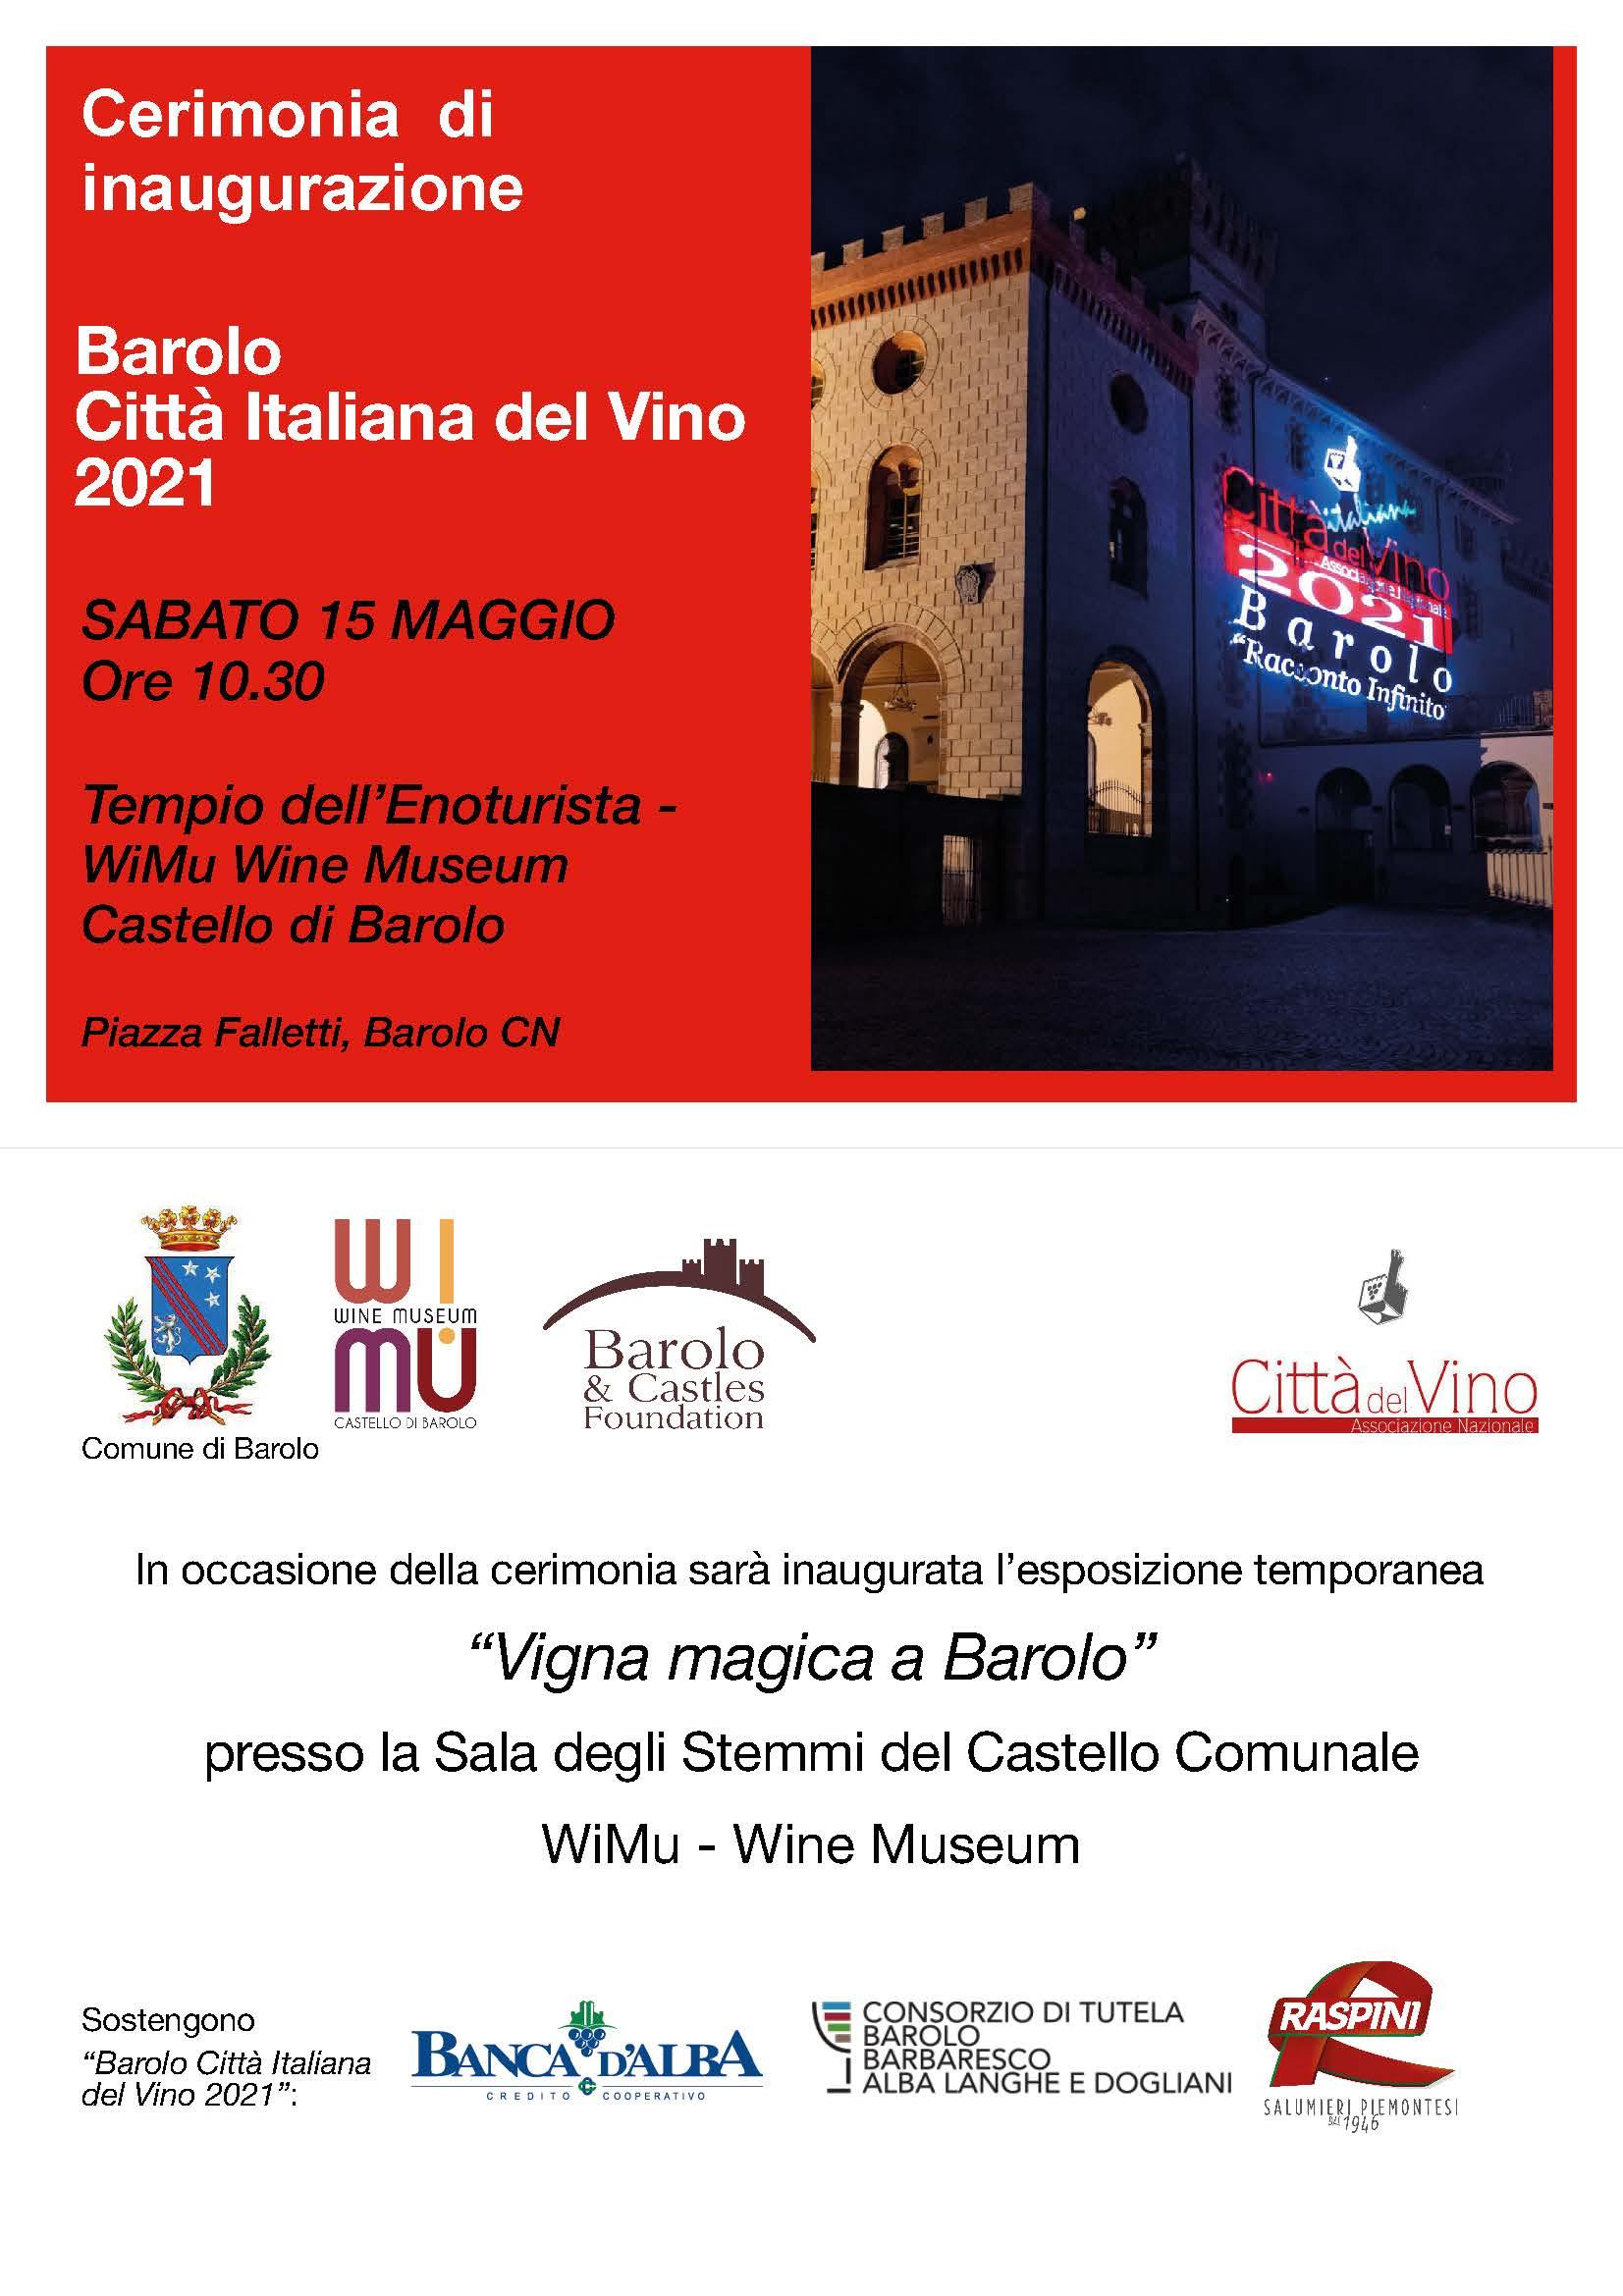 Sabato 15 maggio si inaugura Barolo Città Italiana del Vino 2021